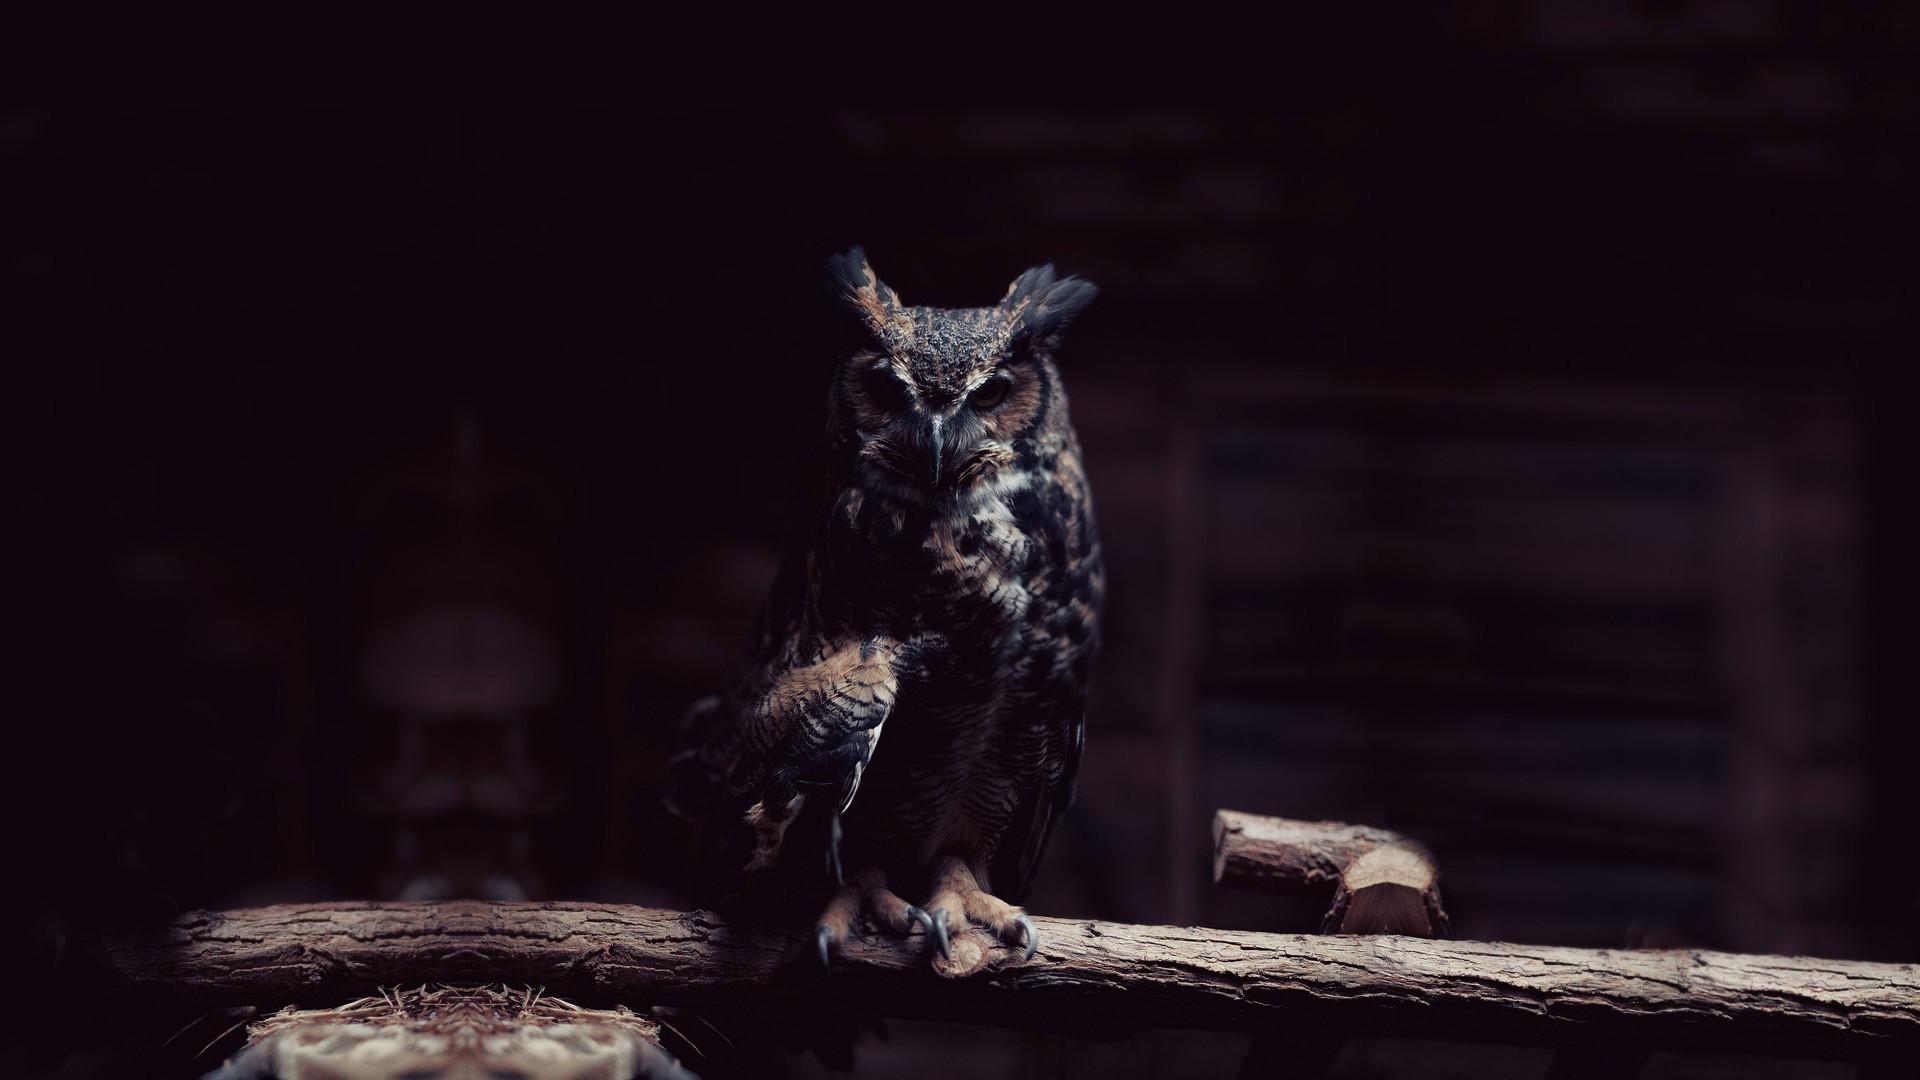 7400 Koleksi Wallpaper Burung Hantu Keren Hd HD Terbaik